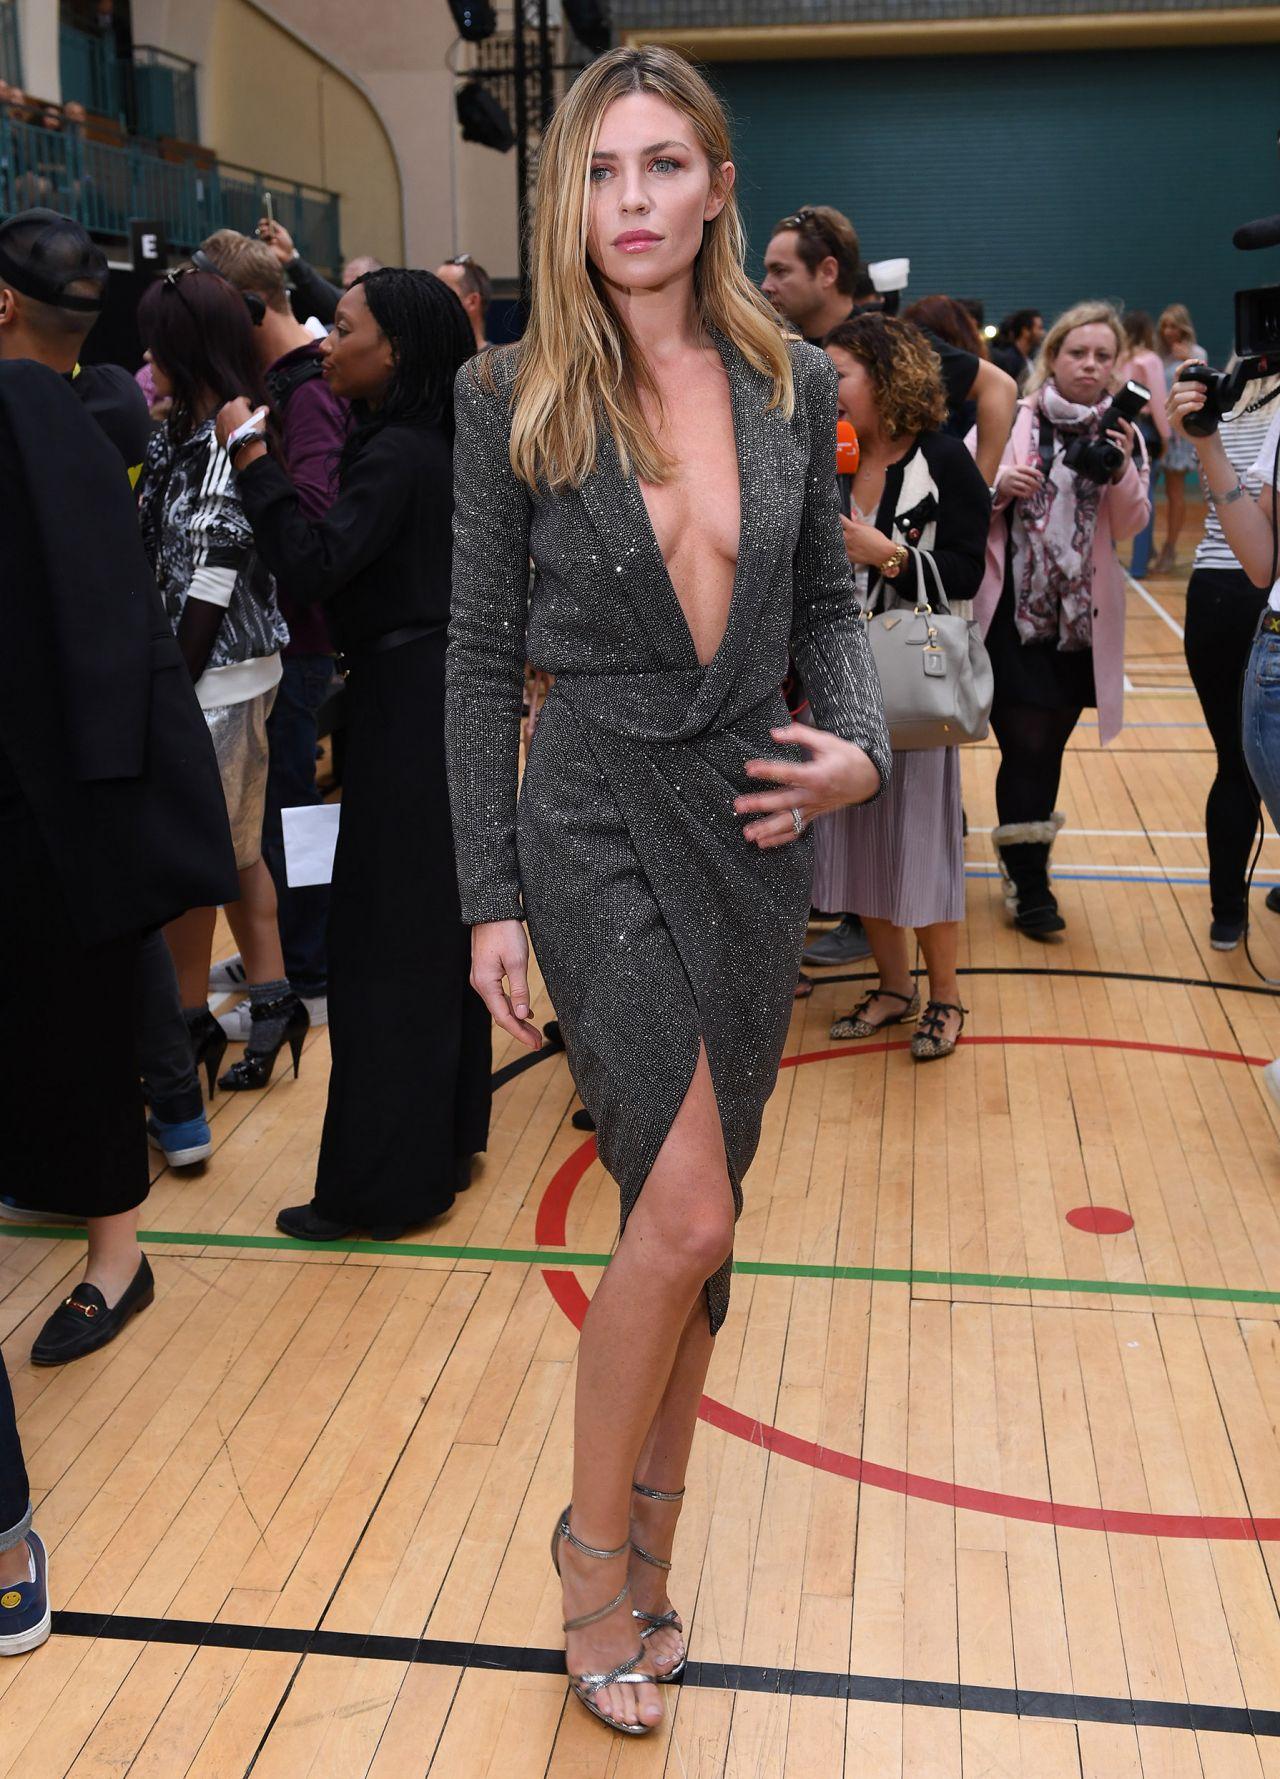 Pictures Abigail Clancy nudes (17 images), Paparazzi